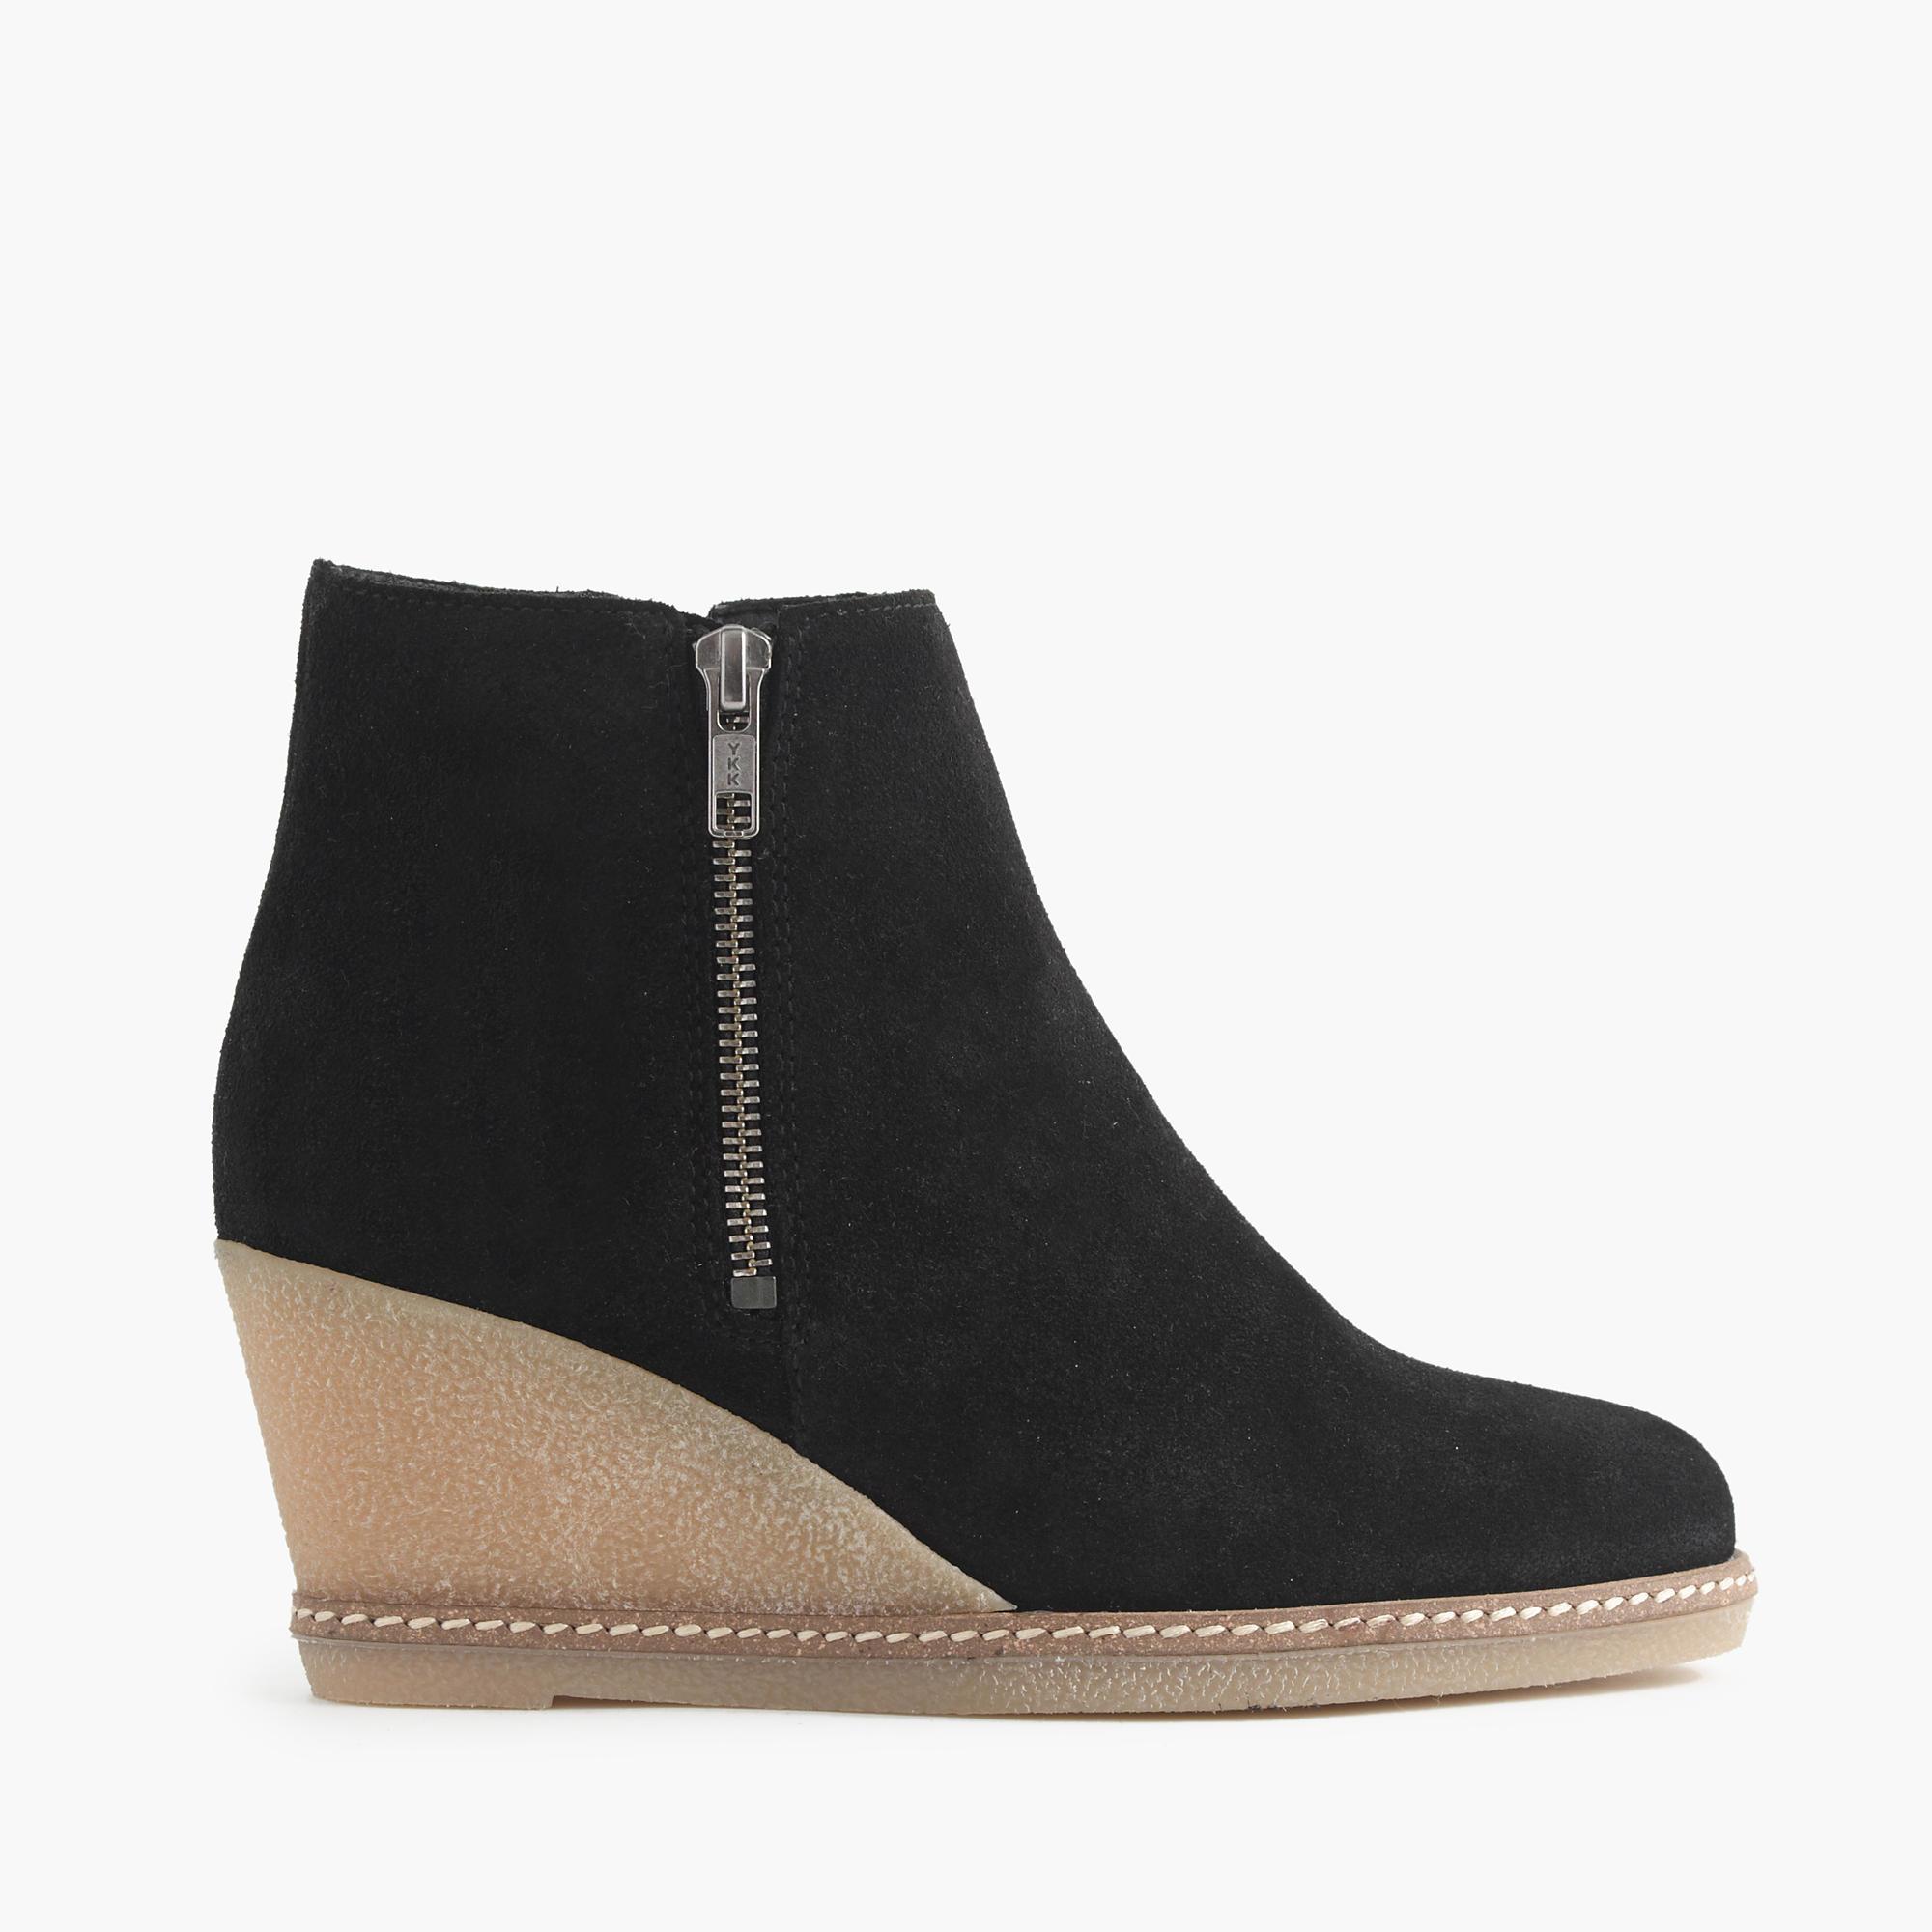 j crew macalister zip wedge boots in black lyst